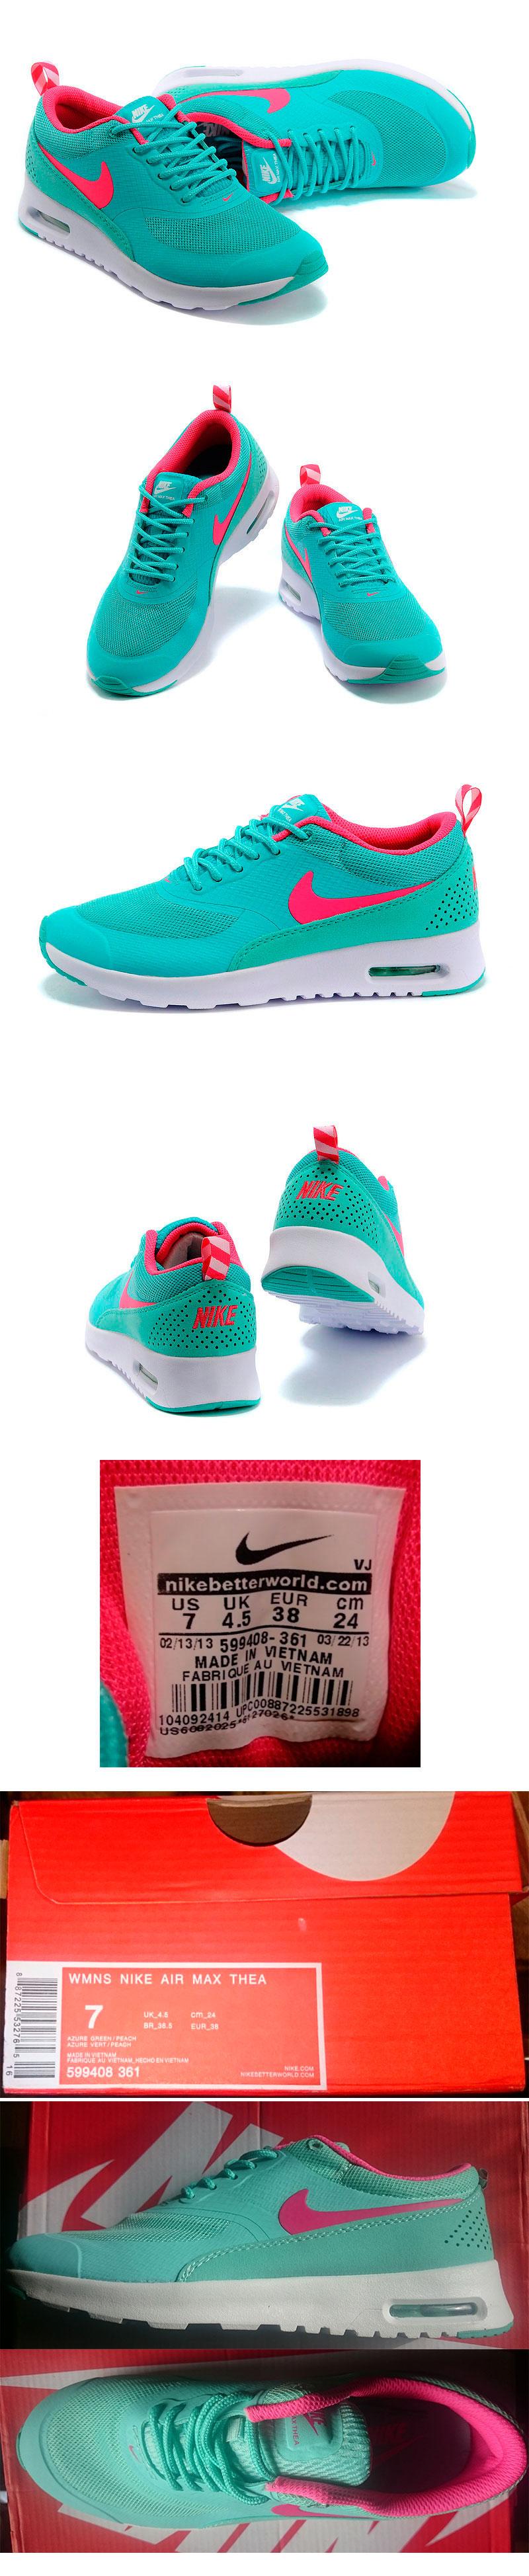 большое фото №6 Nike AIR MAX THEA бирюзовые